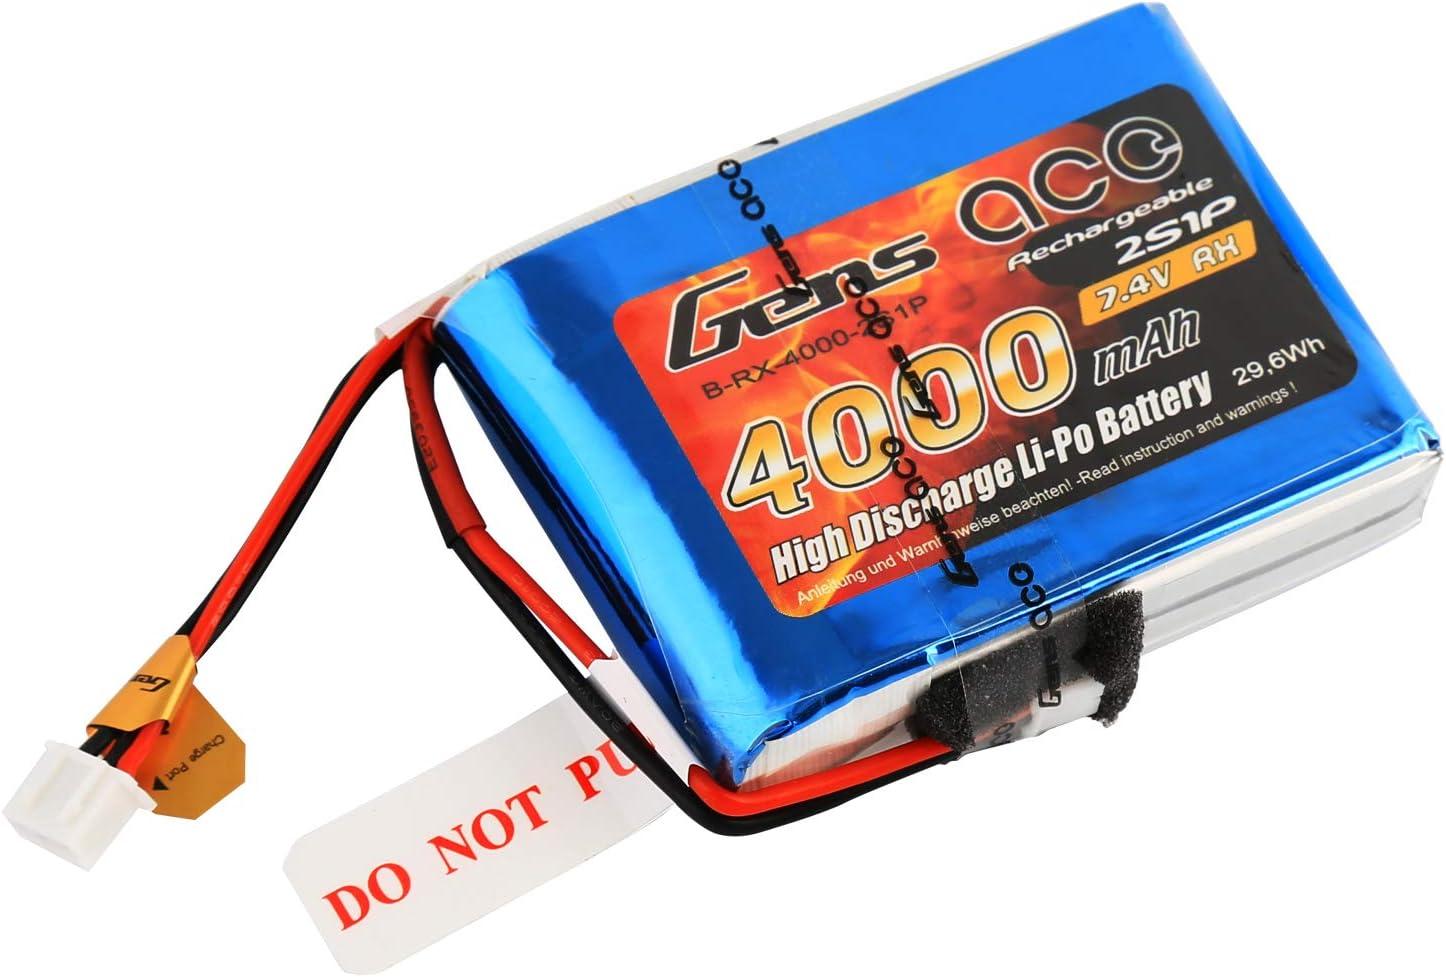 Gens ace B-RX-4000-2S1P accesorio de mandos a distancia - Accesorios de mandos a distancia (Batería, Multicolor, Polímero de litio, 4000 mAh, 7,4 V, ...